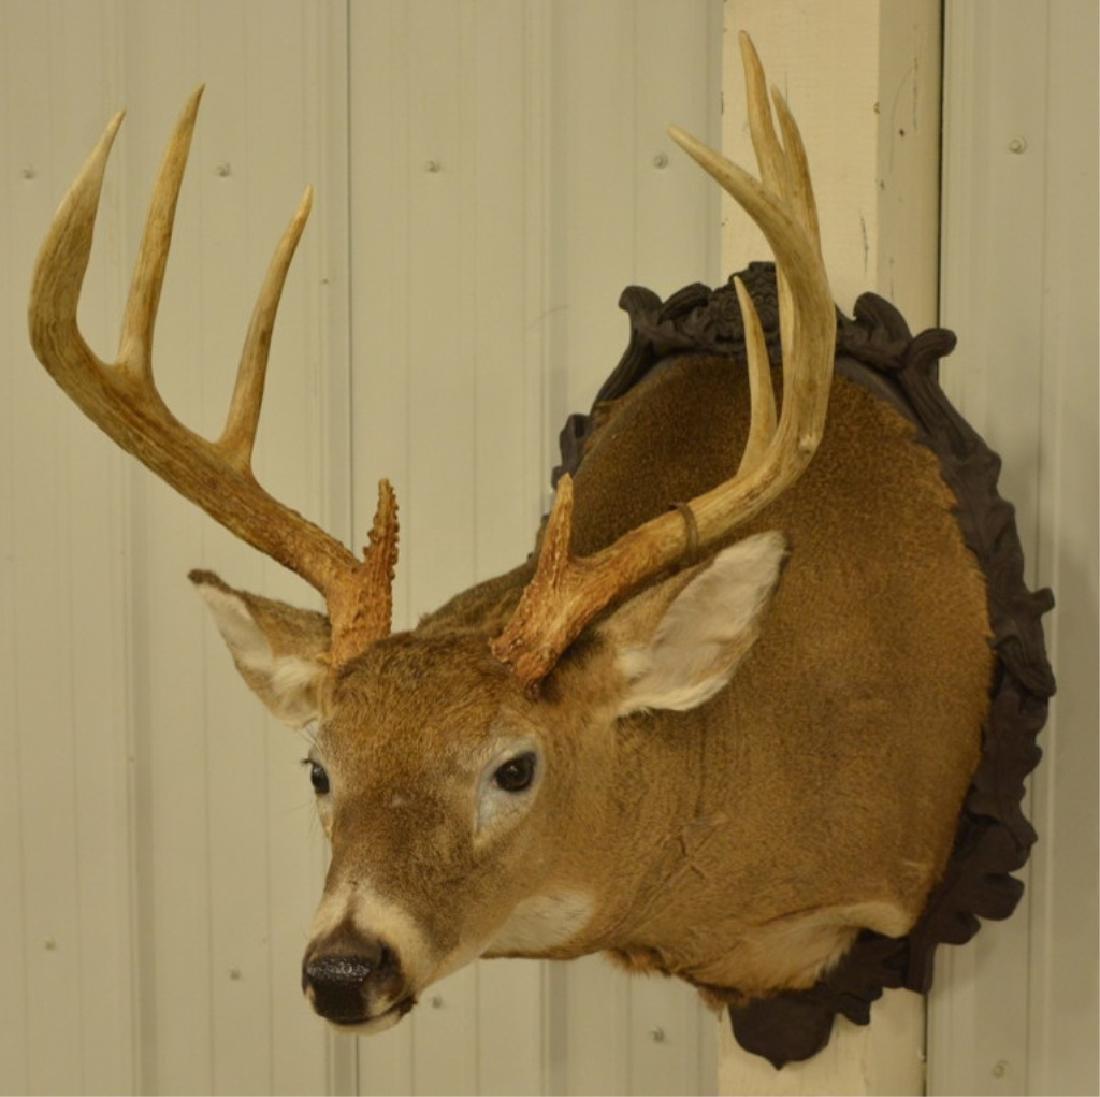 9-Point Whitetail Deer Shoulder Mount